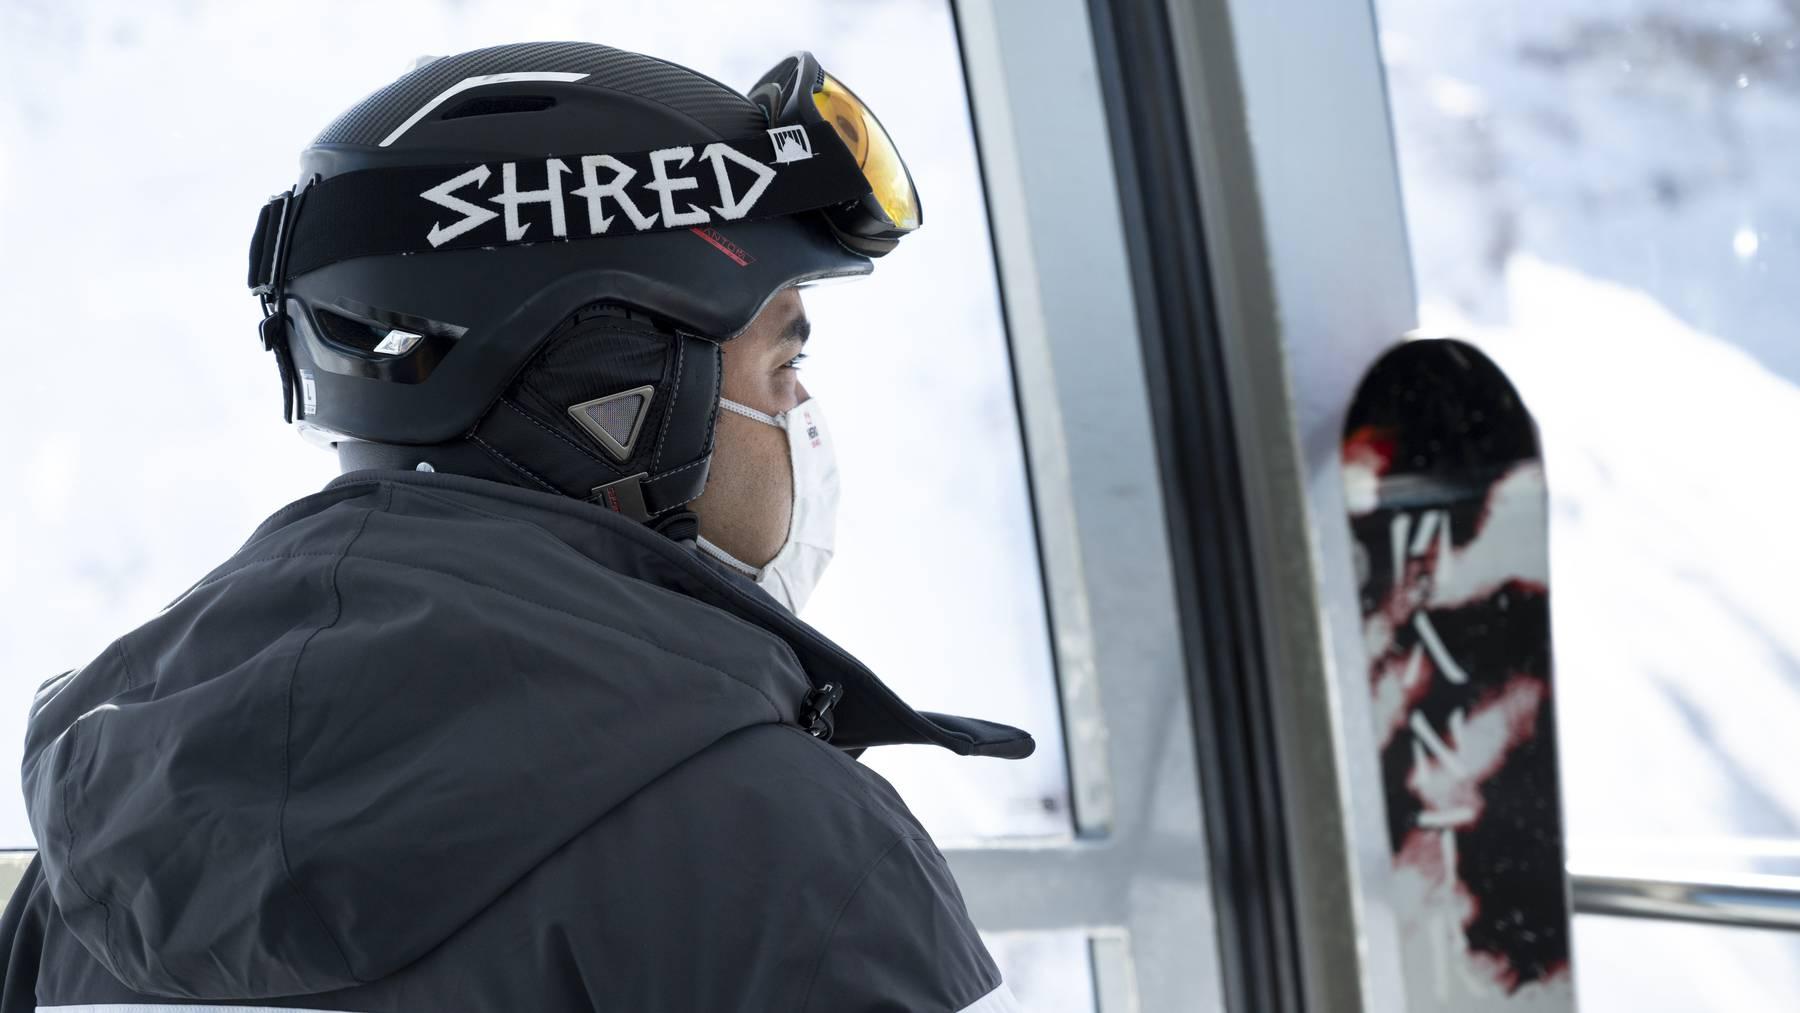 In einigen Skigebieten hat die Saison bereits begonnen. In Kabinen und Gondeln braucht es einen Mund-Nasen-Schutz.